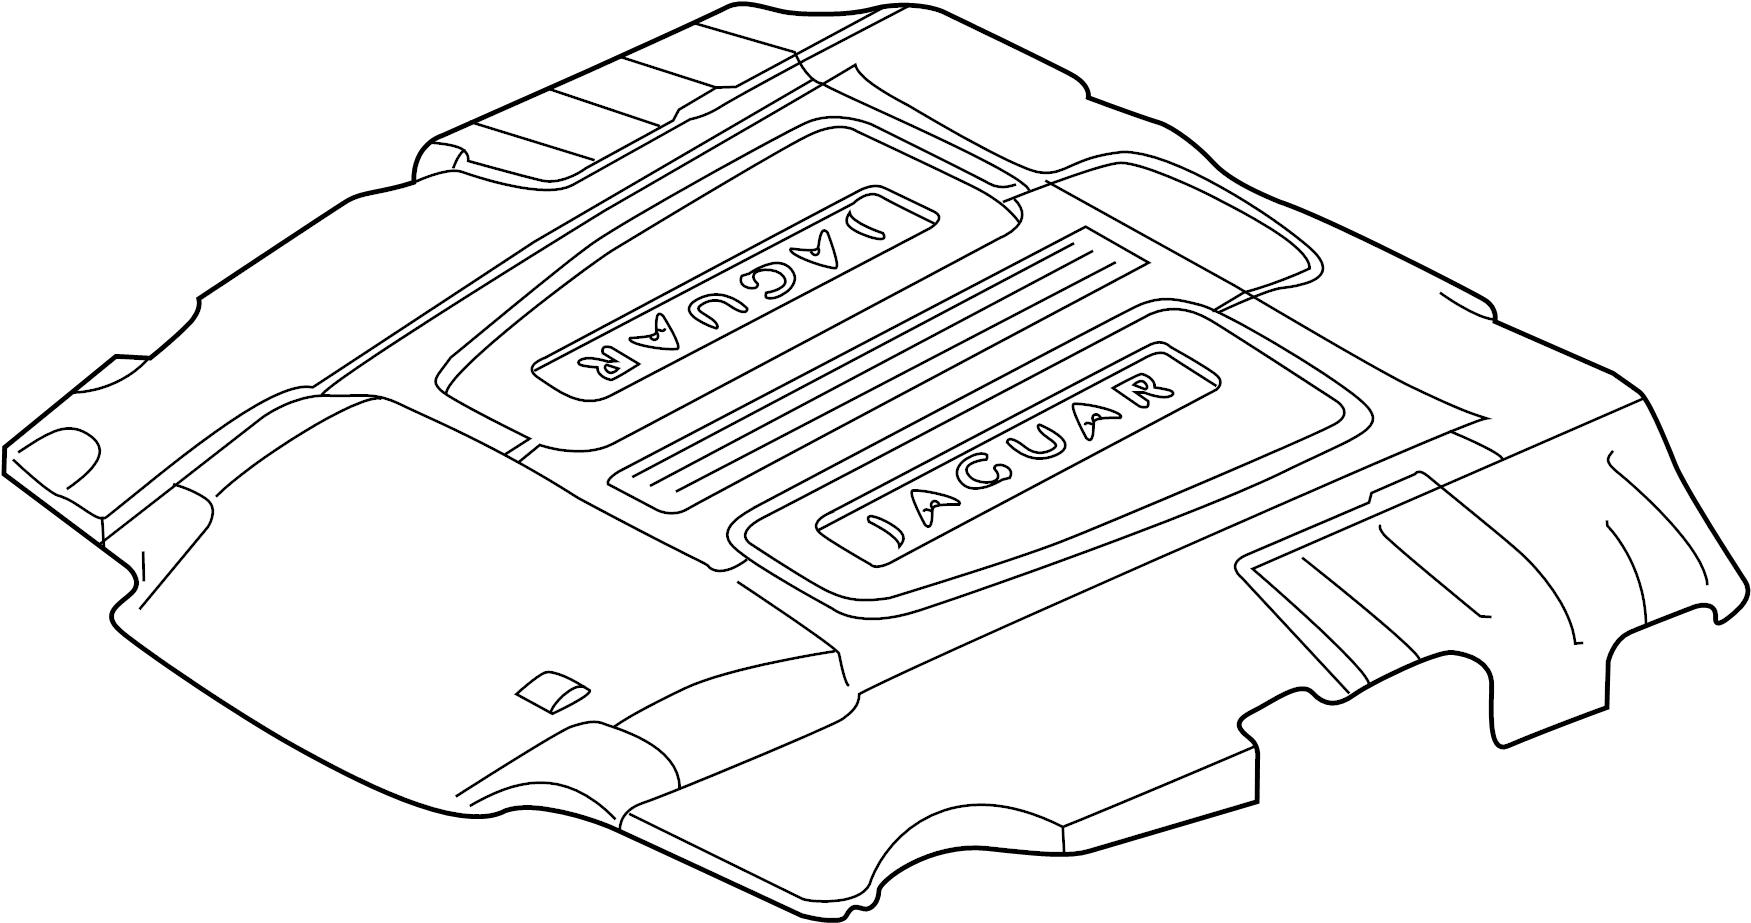 2010 jaguar xfr engine diagram